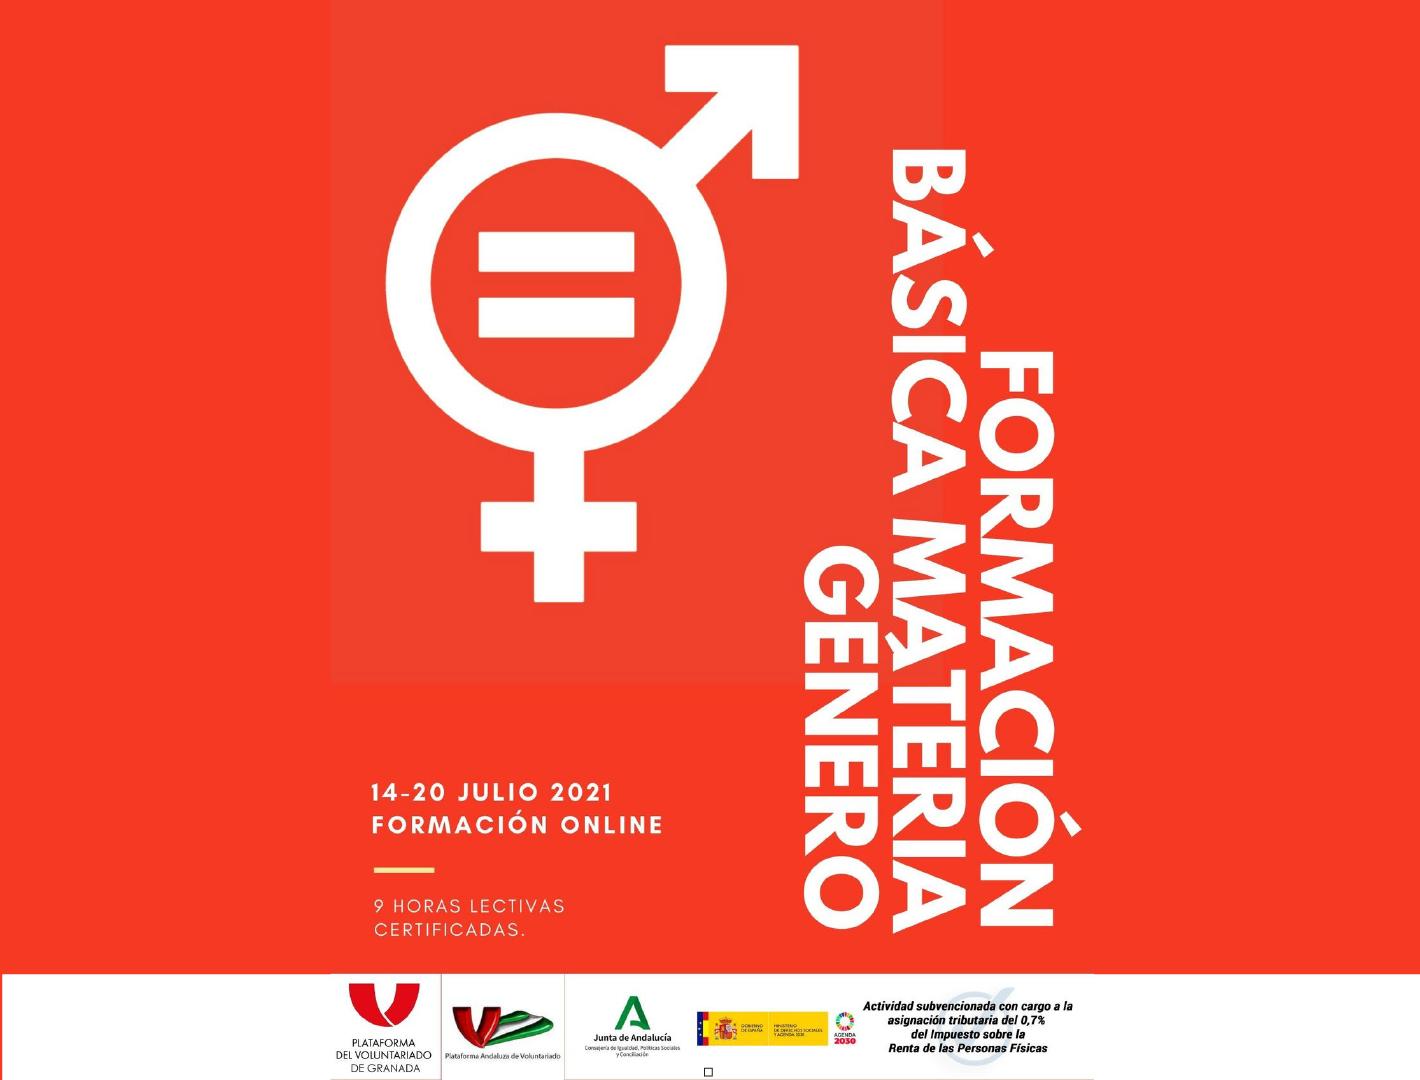 Nueva edición del Curso Online: Formación básica en materia de Género. ¡Abiertas inscripciones!